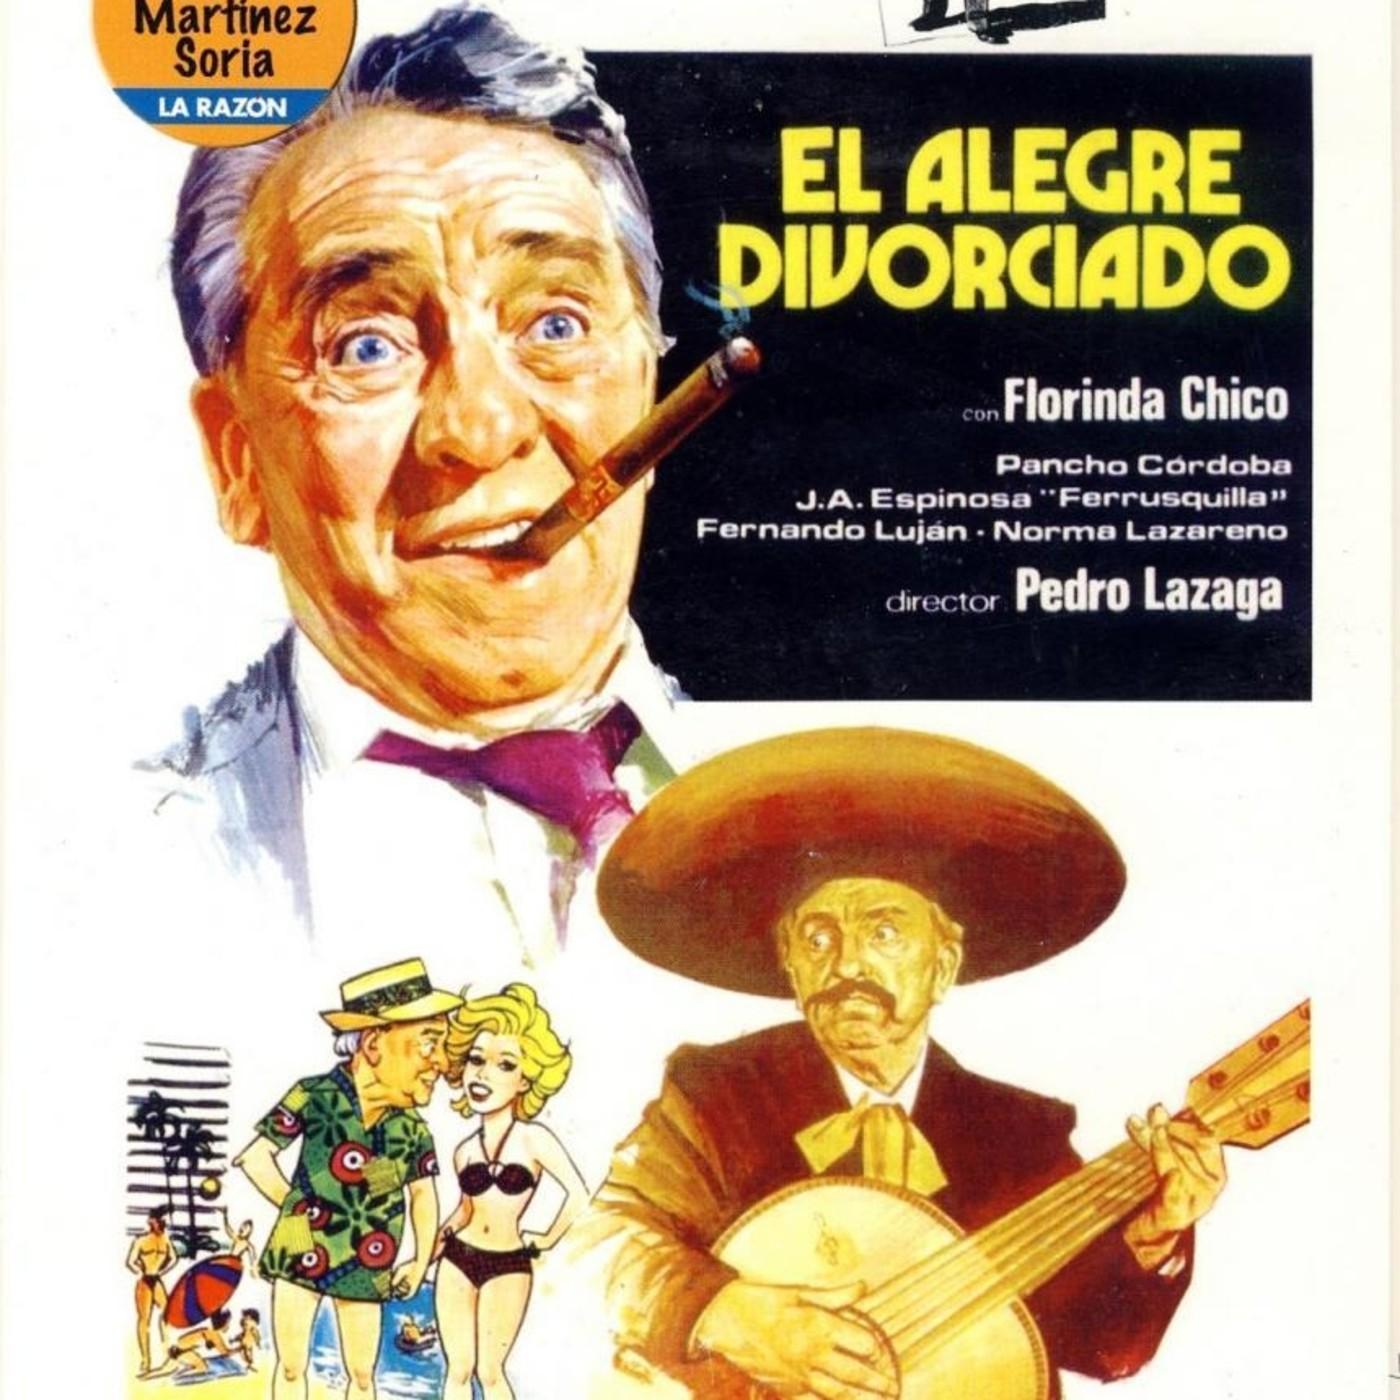 Cine de barrio - El alegre divorciado - RTVE.es